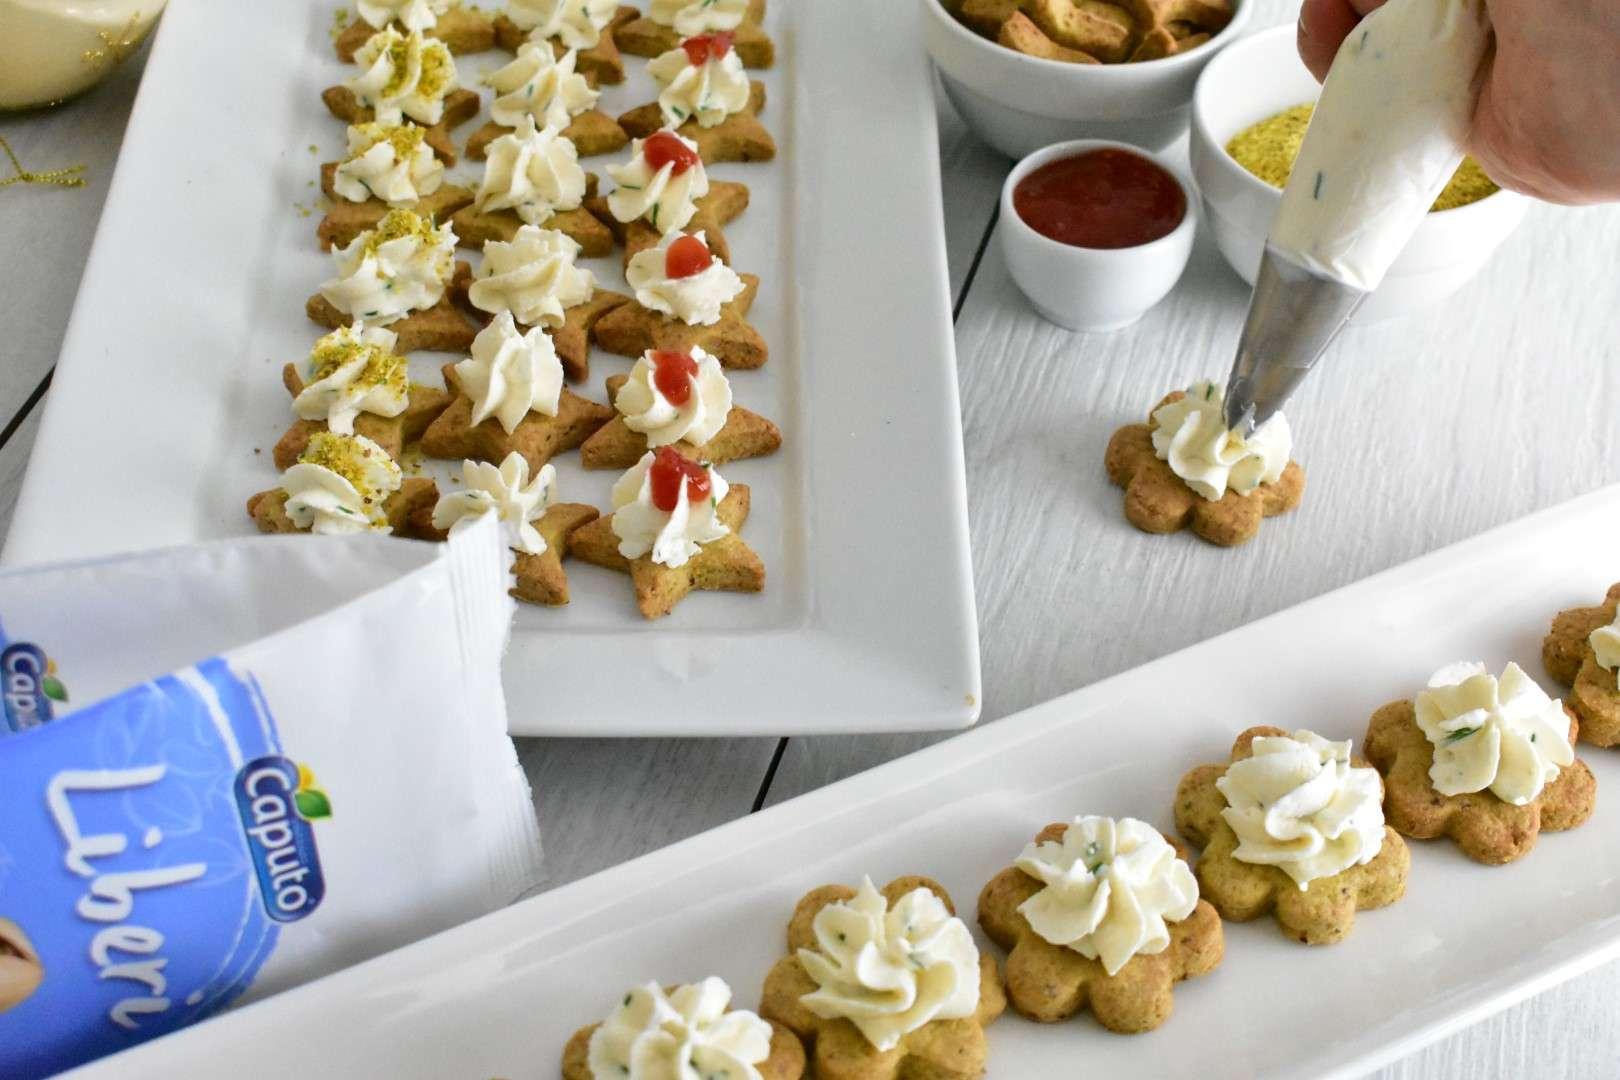 Preparazione Biscotti al Pistacchio e crema di Rabioli | Vincenzo Caputo Srl